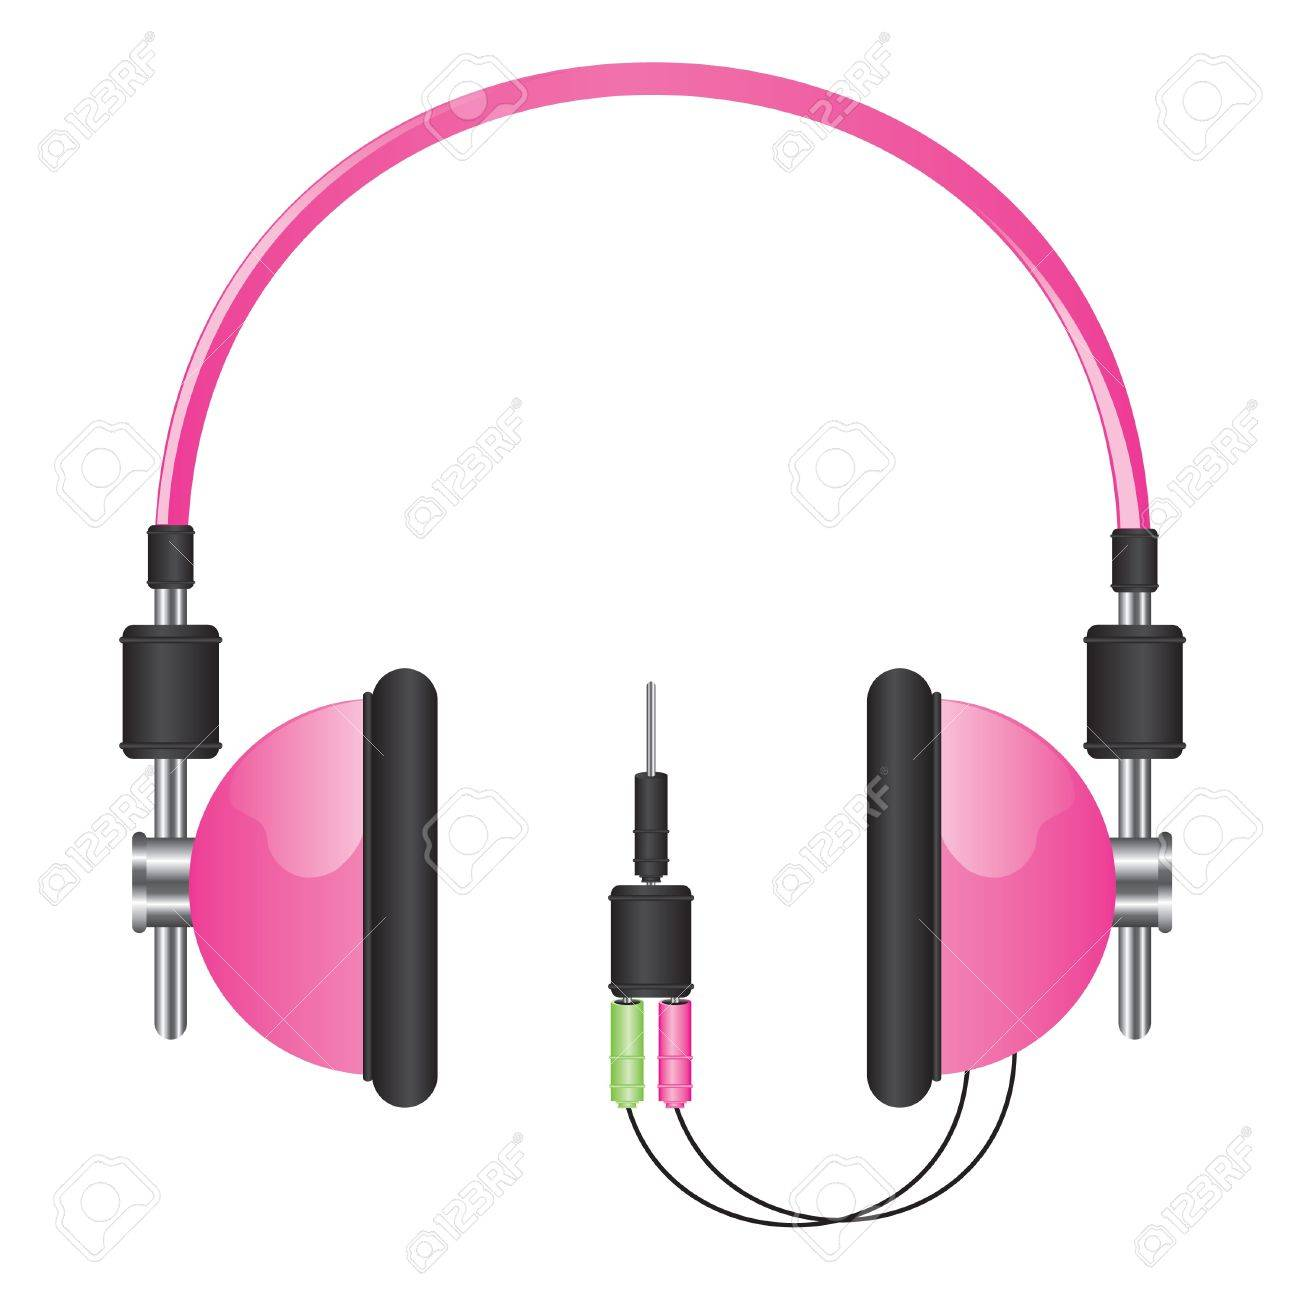 Fantastisch Kopfhörer Draht Clip Art Zeitgenössisch - Elektrische ...